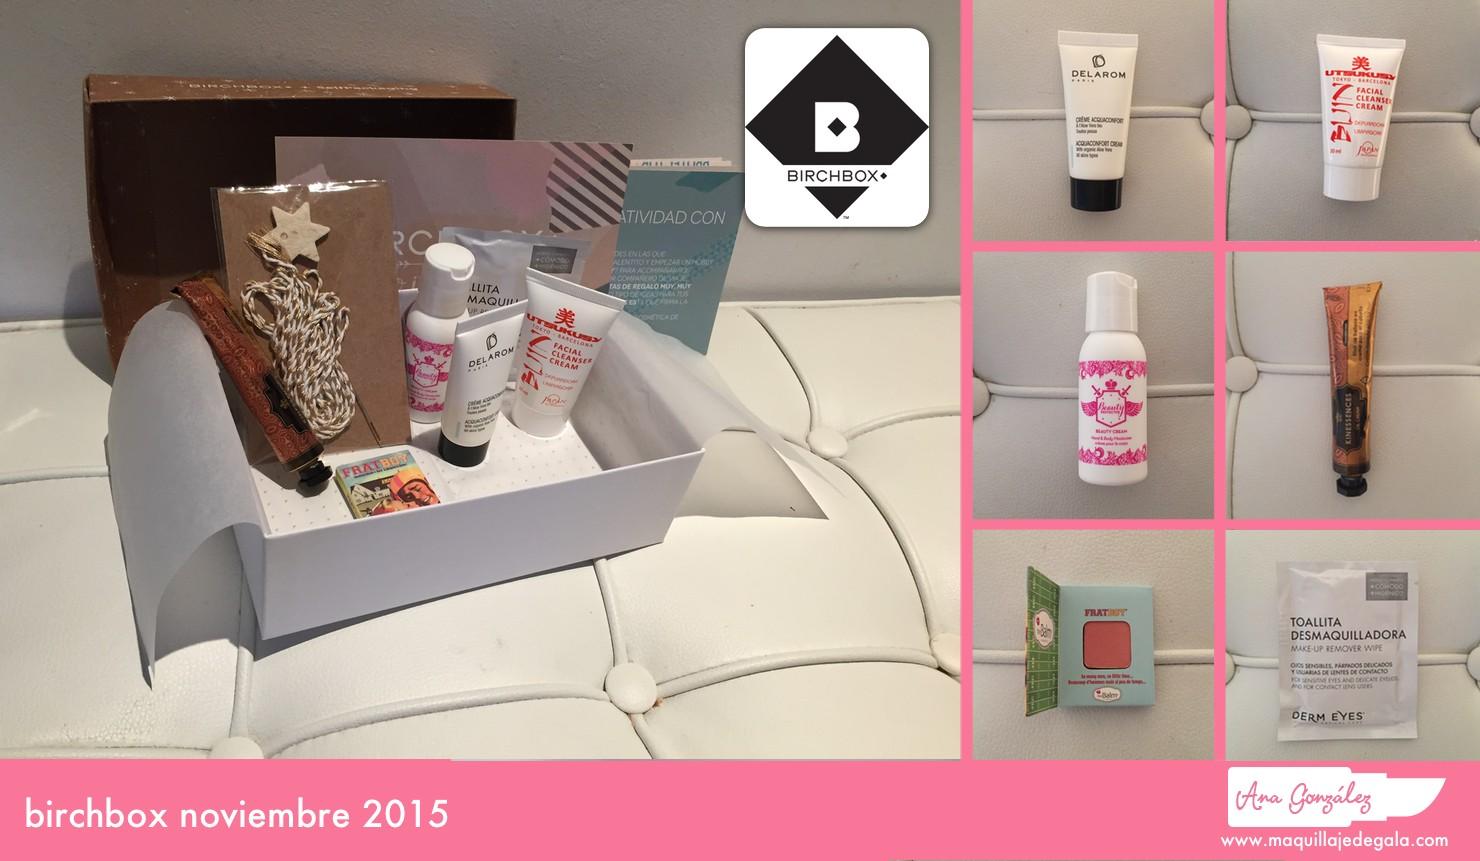 birchbox-noviembre-2015